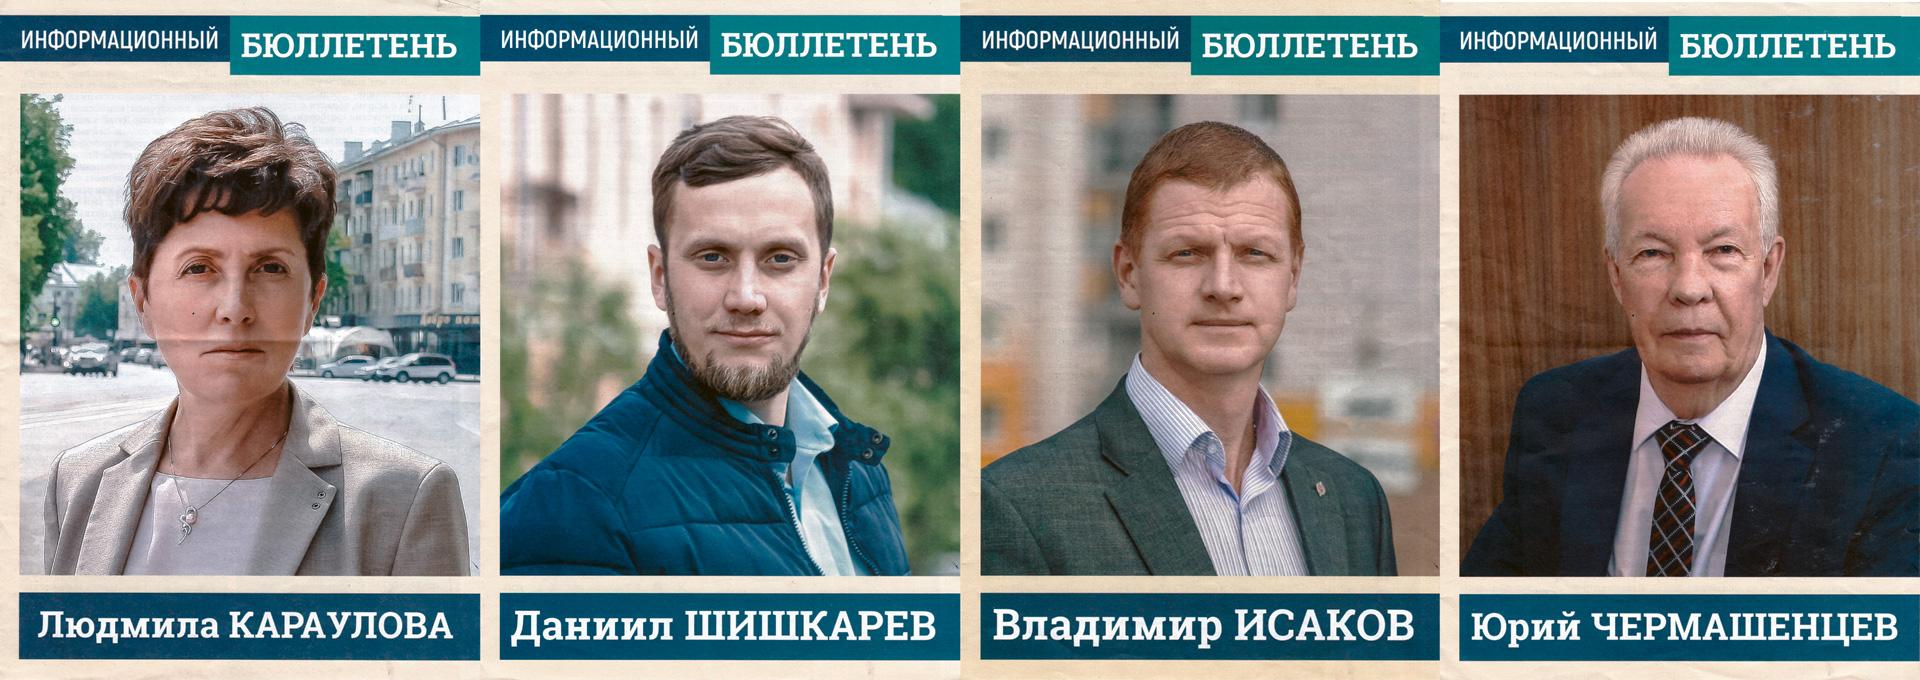 8 друзей Караулова: как и зачем бизнес пытается взять под контроль городскую думу